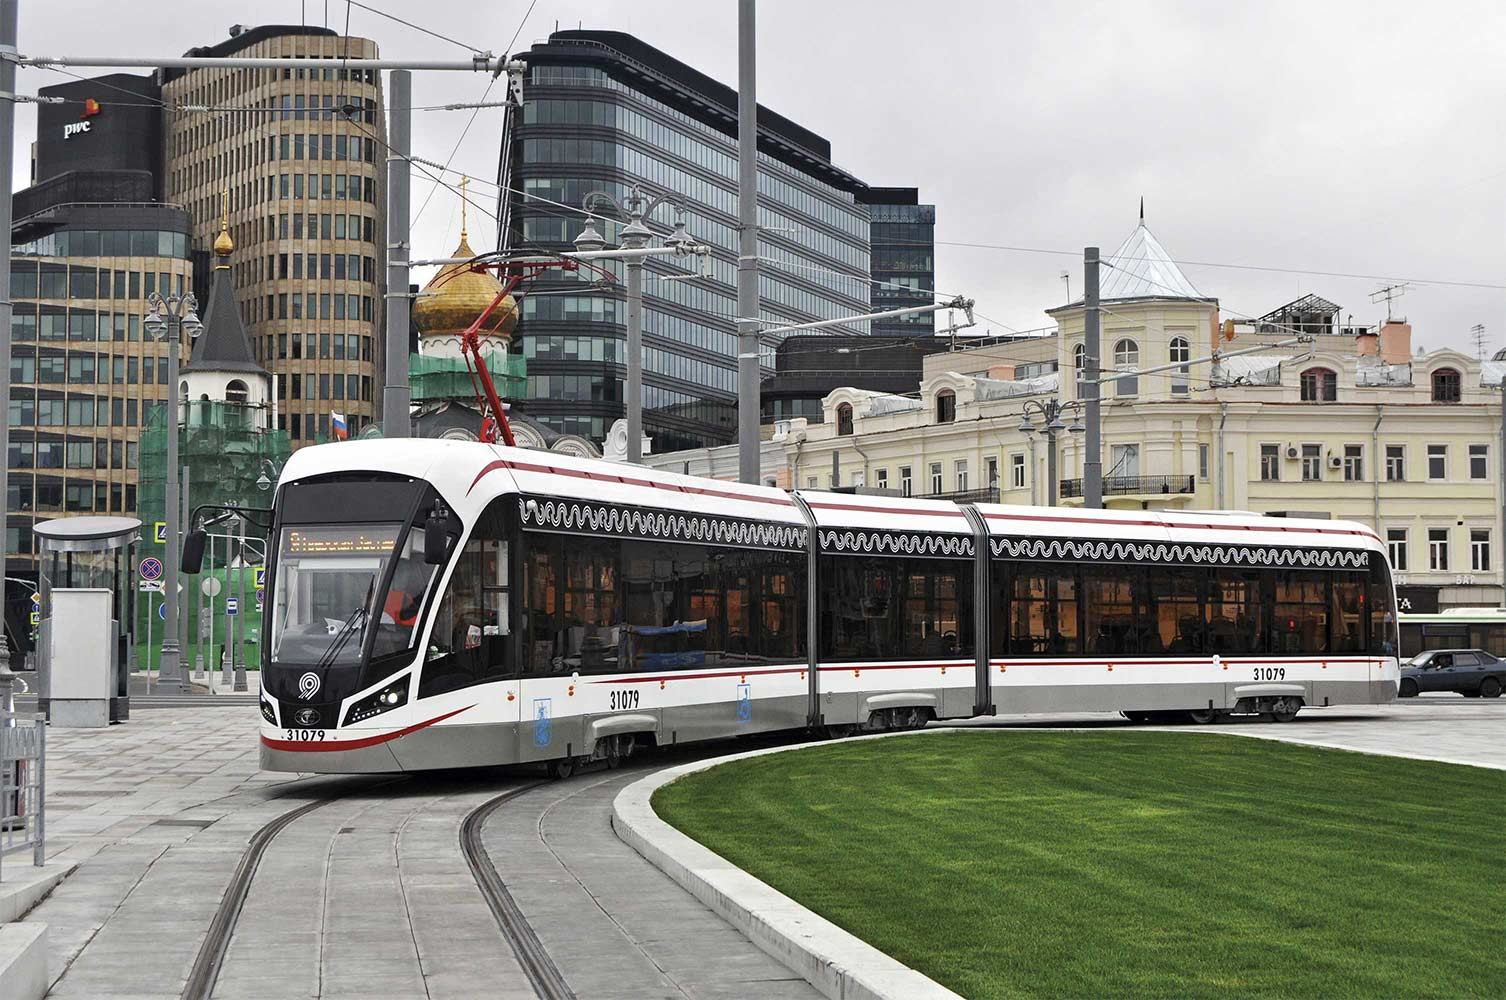 Реализация транспортной программы позволила ощутимо уменьшить дорожные пробки и сократить время поездок по городу для всех москвичей.